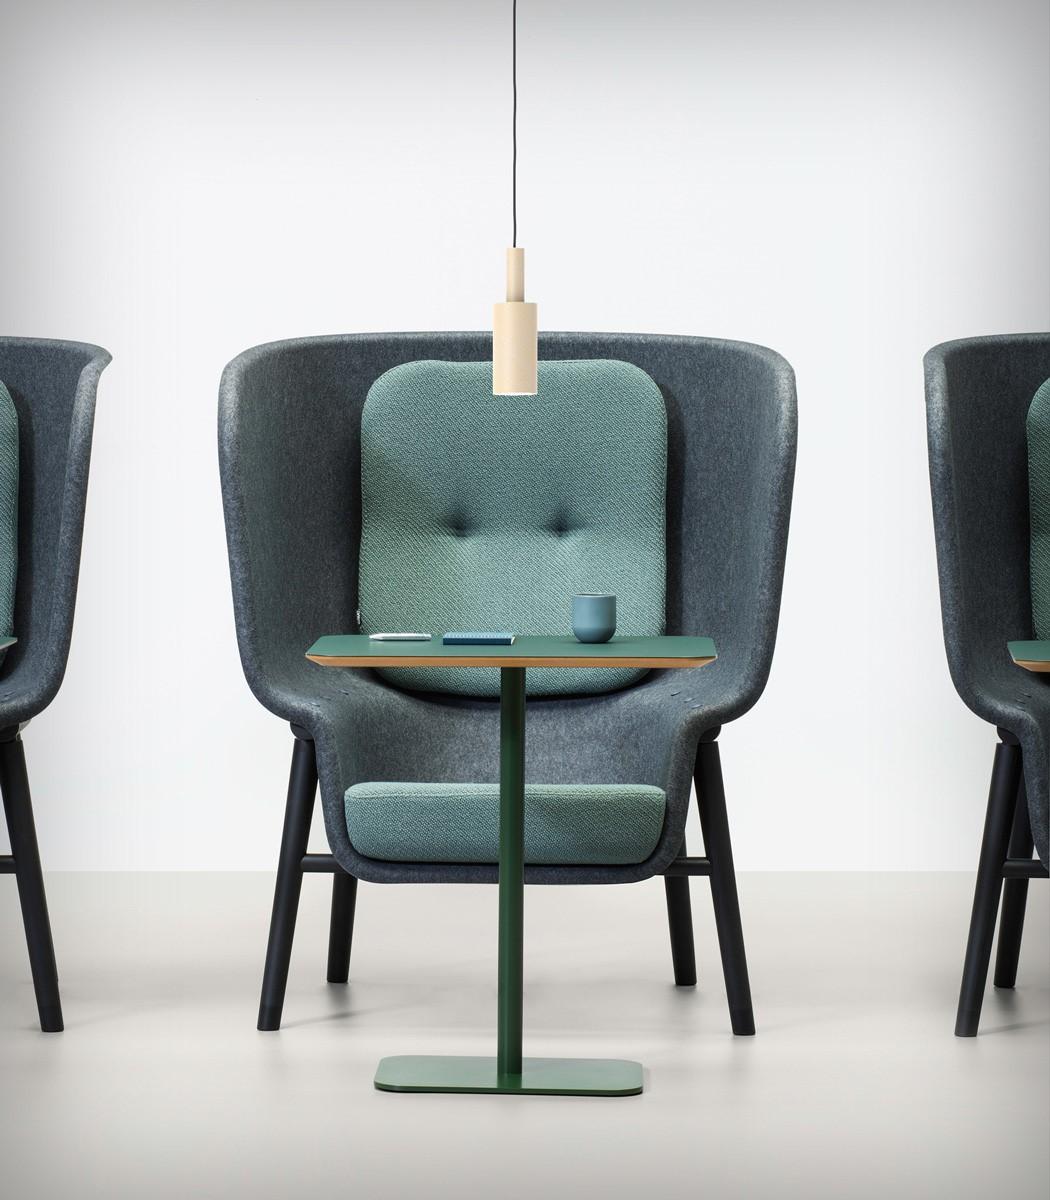 the_chair_pod_chair_00